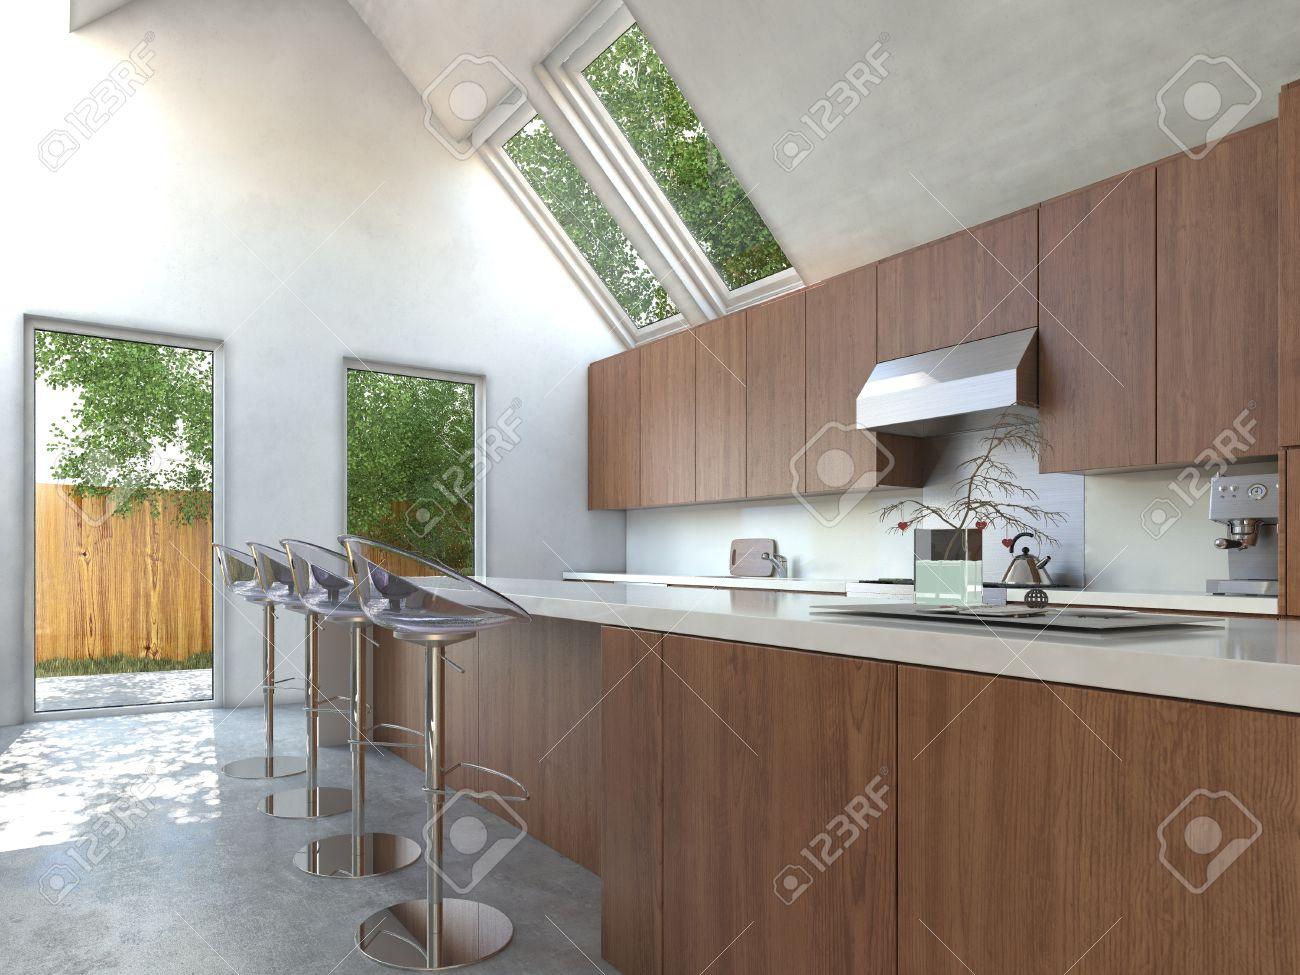 Cucine in legno stile moderno : cucine a vista moderne. cucine a ...